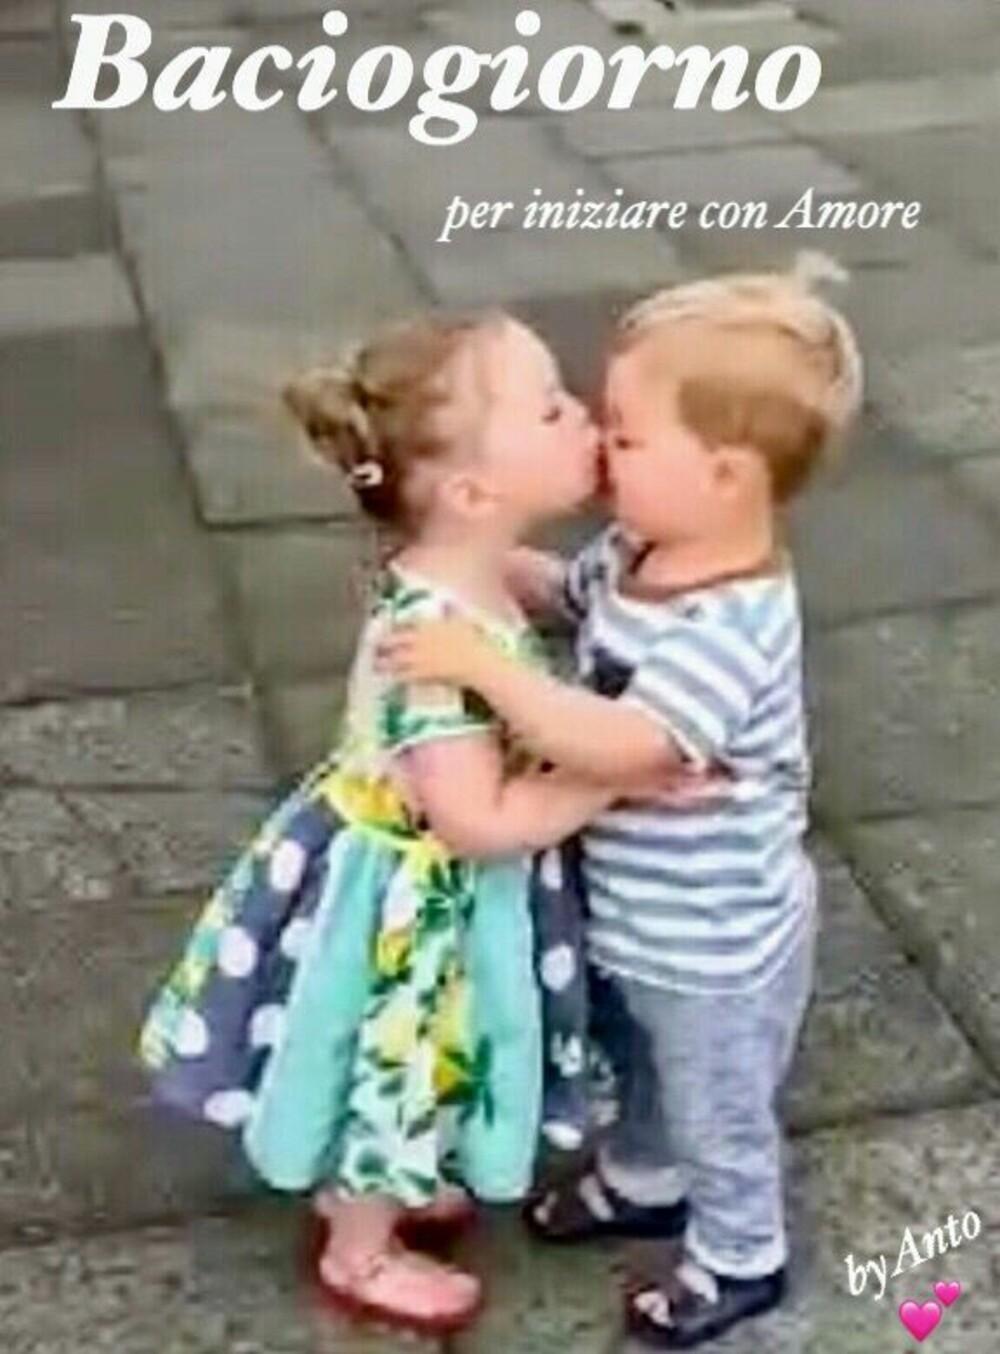 Baciogiorno bellissime immagini (9)